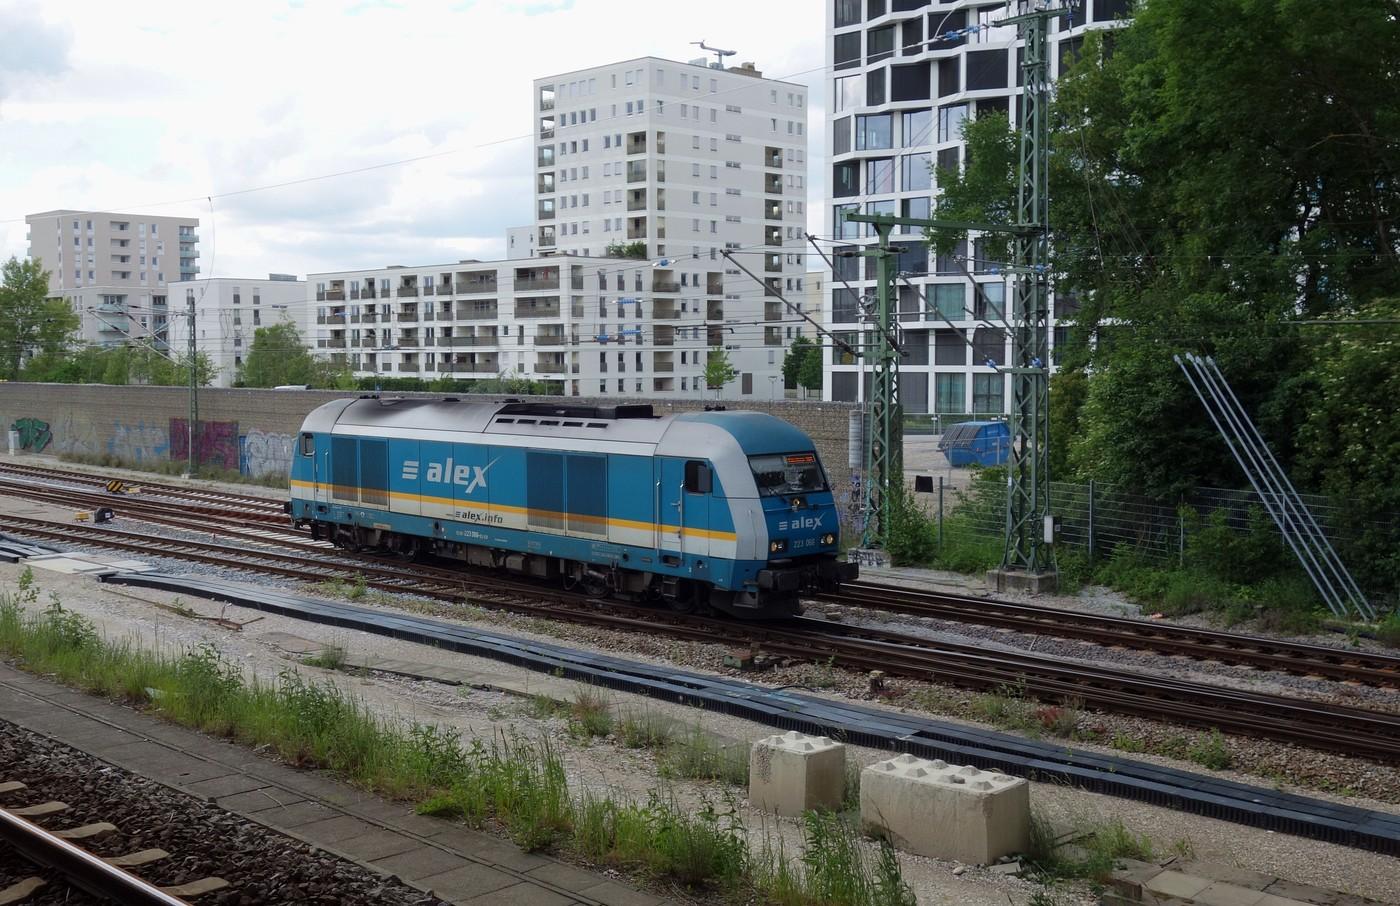 http://www.eisenbahn-im-bild.de/Temp/D_20_Hir_DSC09671.jpg